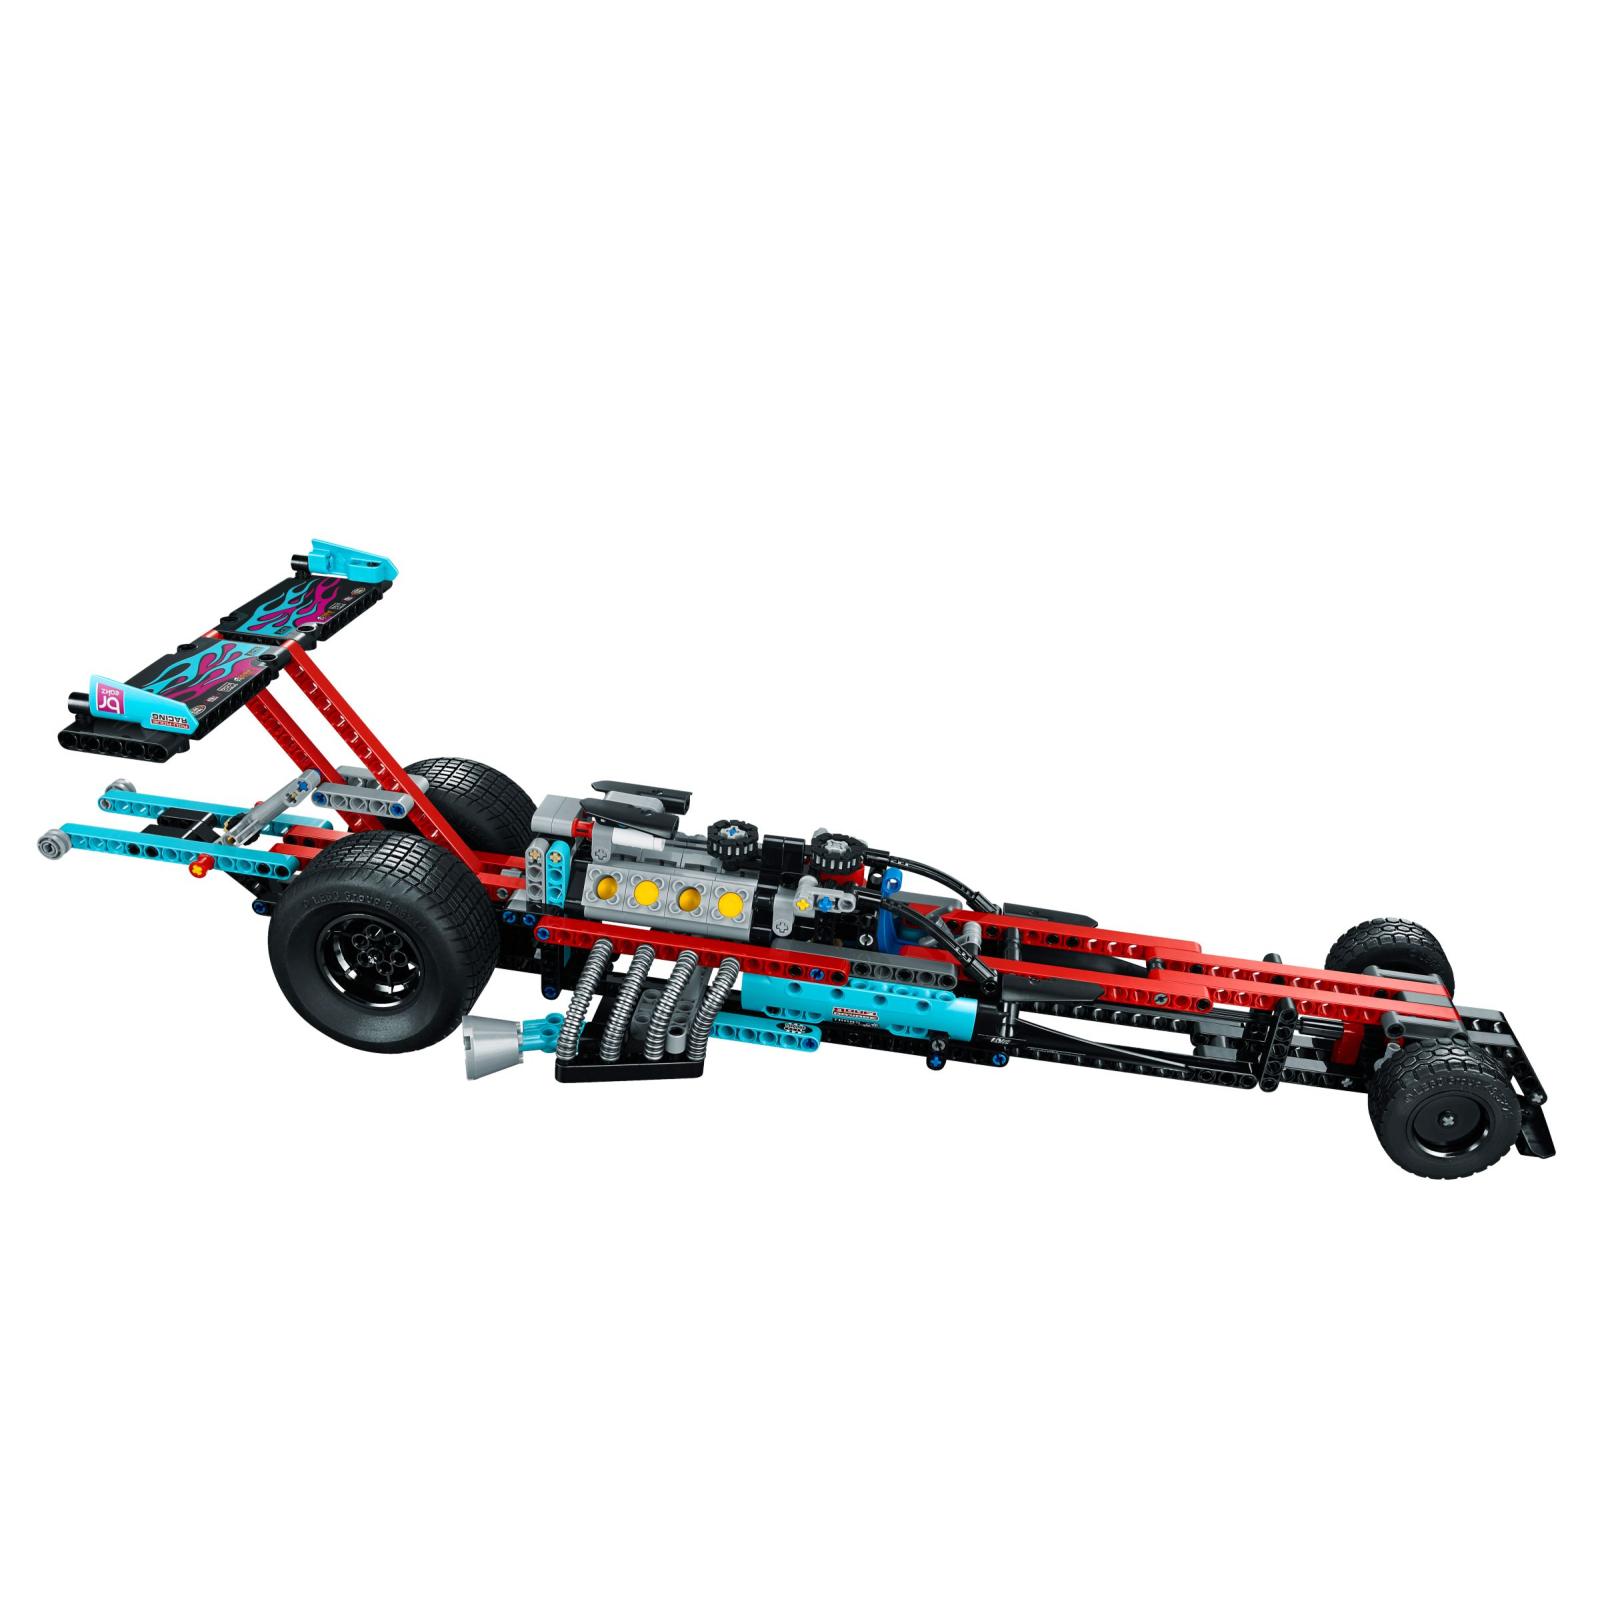 Конструктор LEGO Technic Драгстер (42050) изображение 7